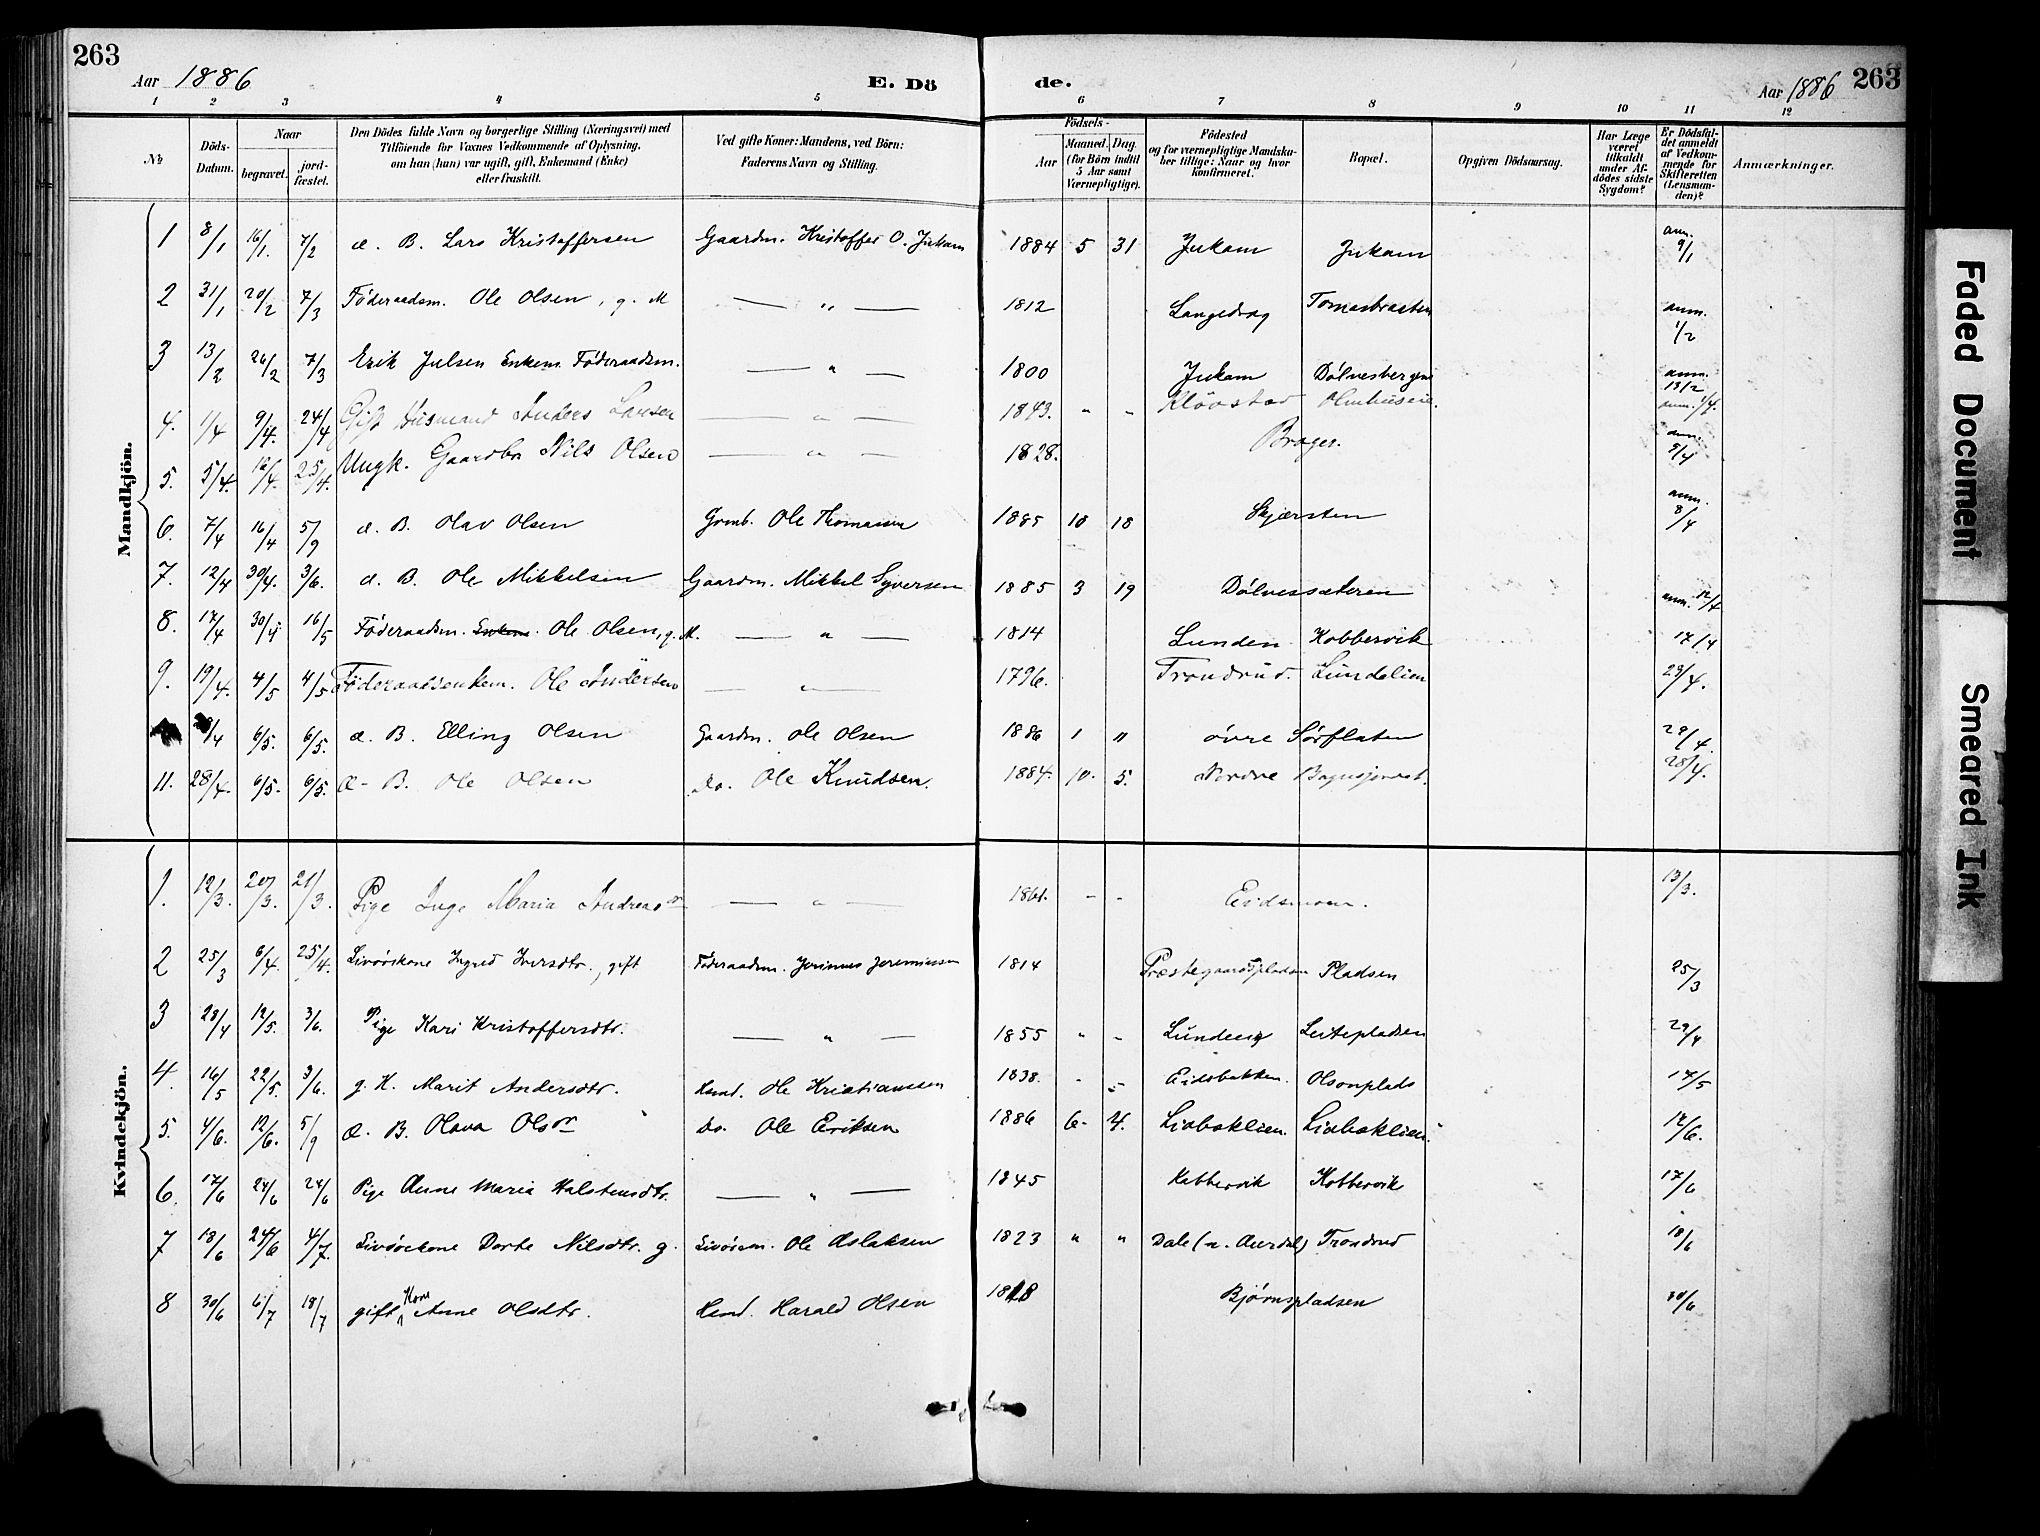 SAH, Sør-Aurdal prestekontor, Ministerialbok nr. 9, 1886-1906, s. 263